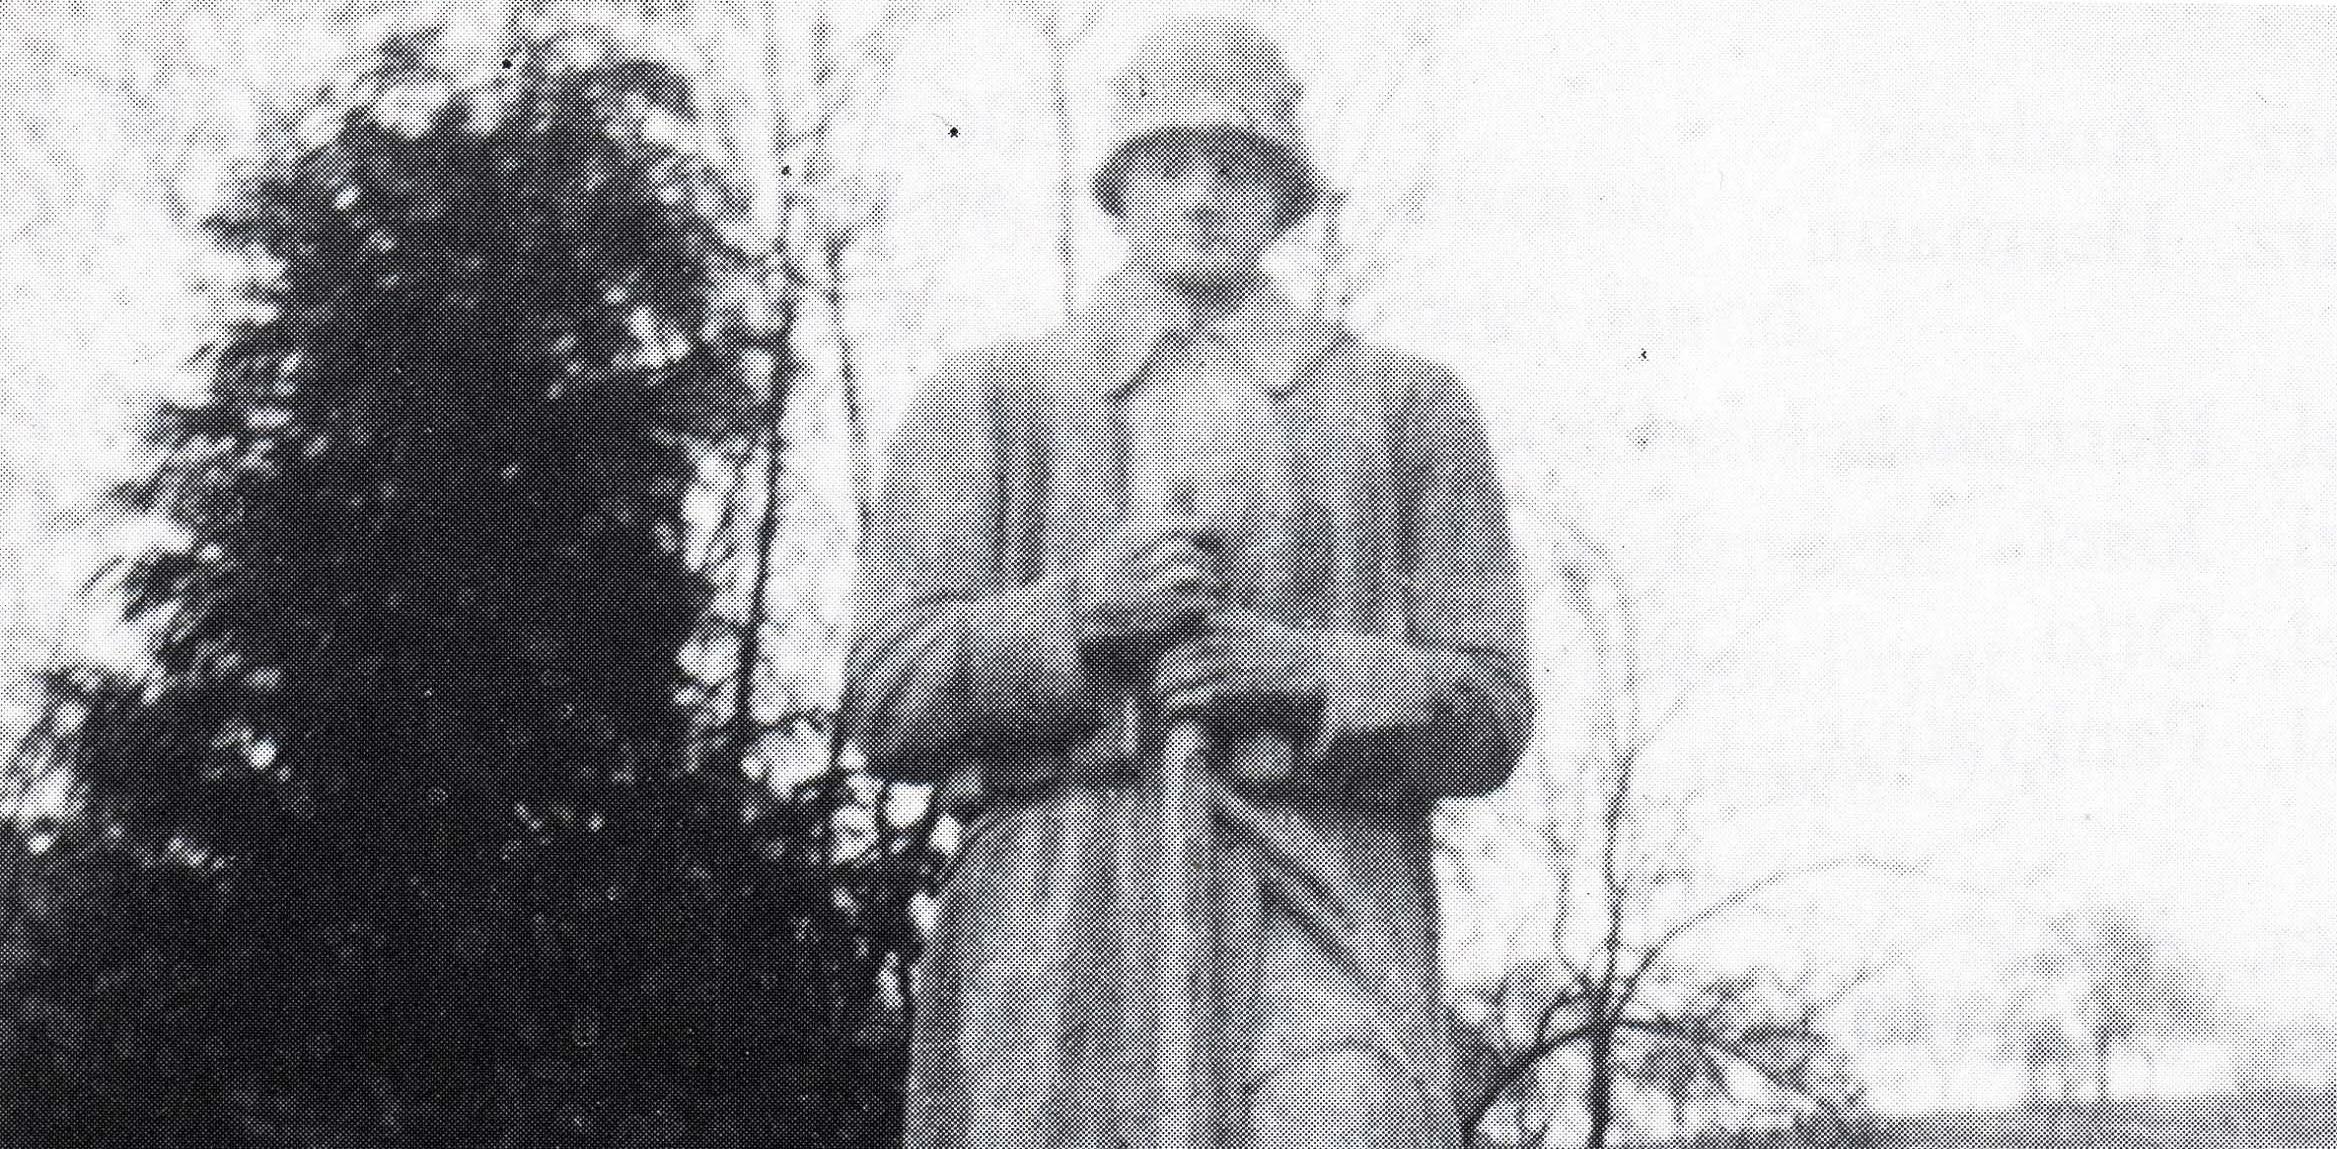 Das Krieger-Ehrenmal zum ehrenden Gedenken an die vermissten und gefallenen Soldaten des Ersten Weltkriegs in der Dorfmitte